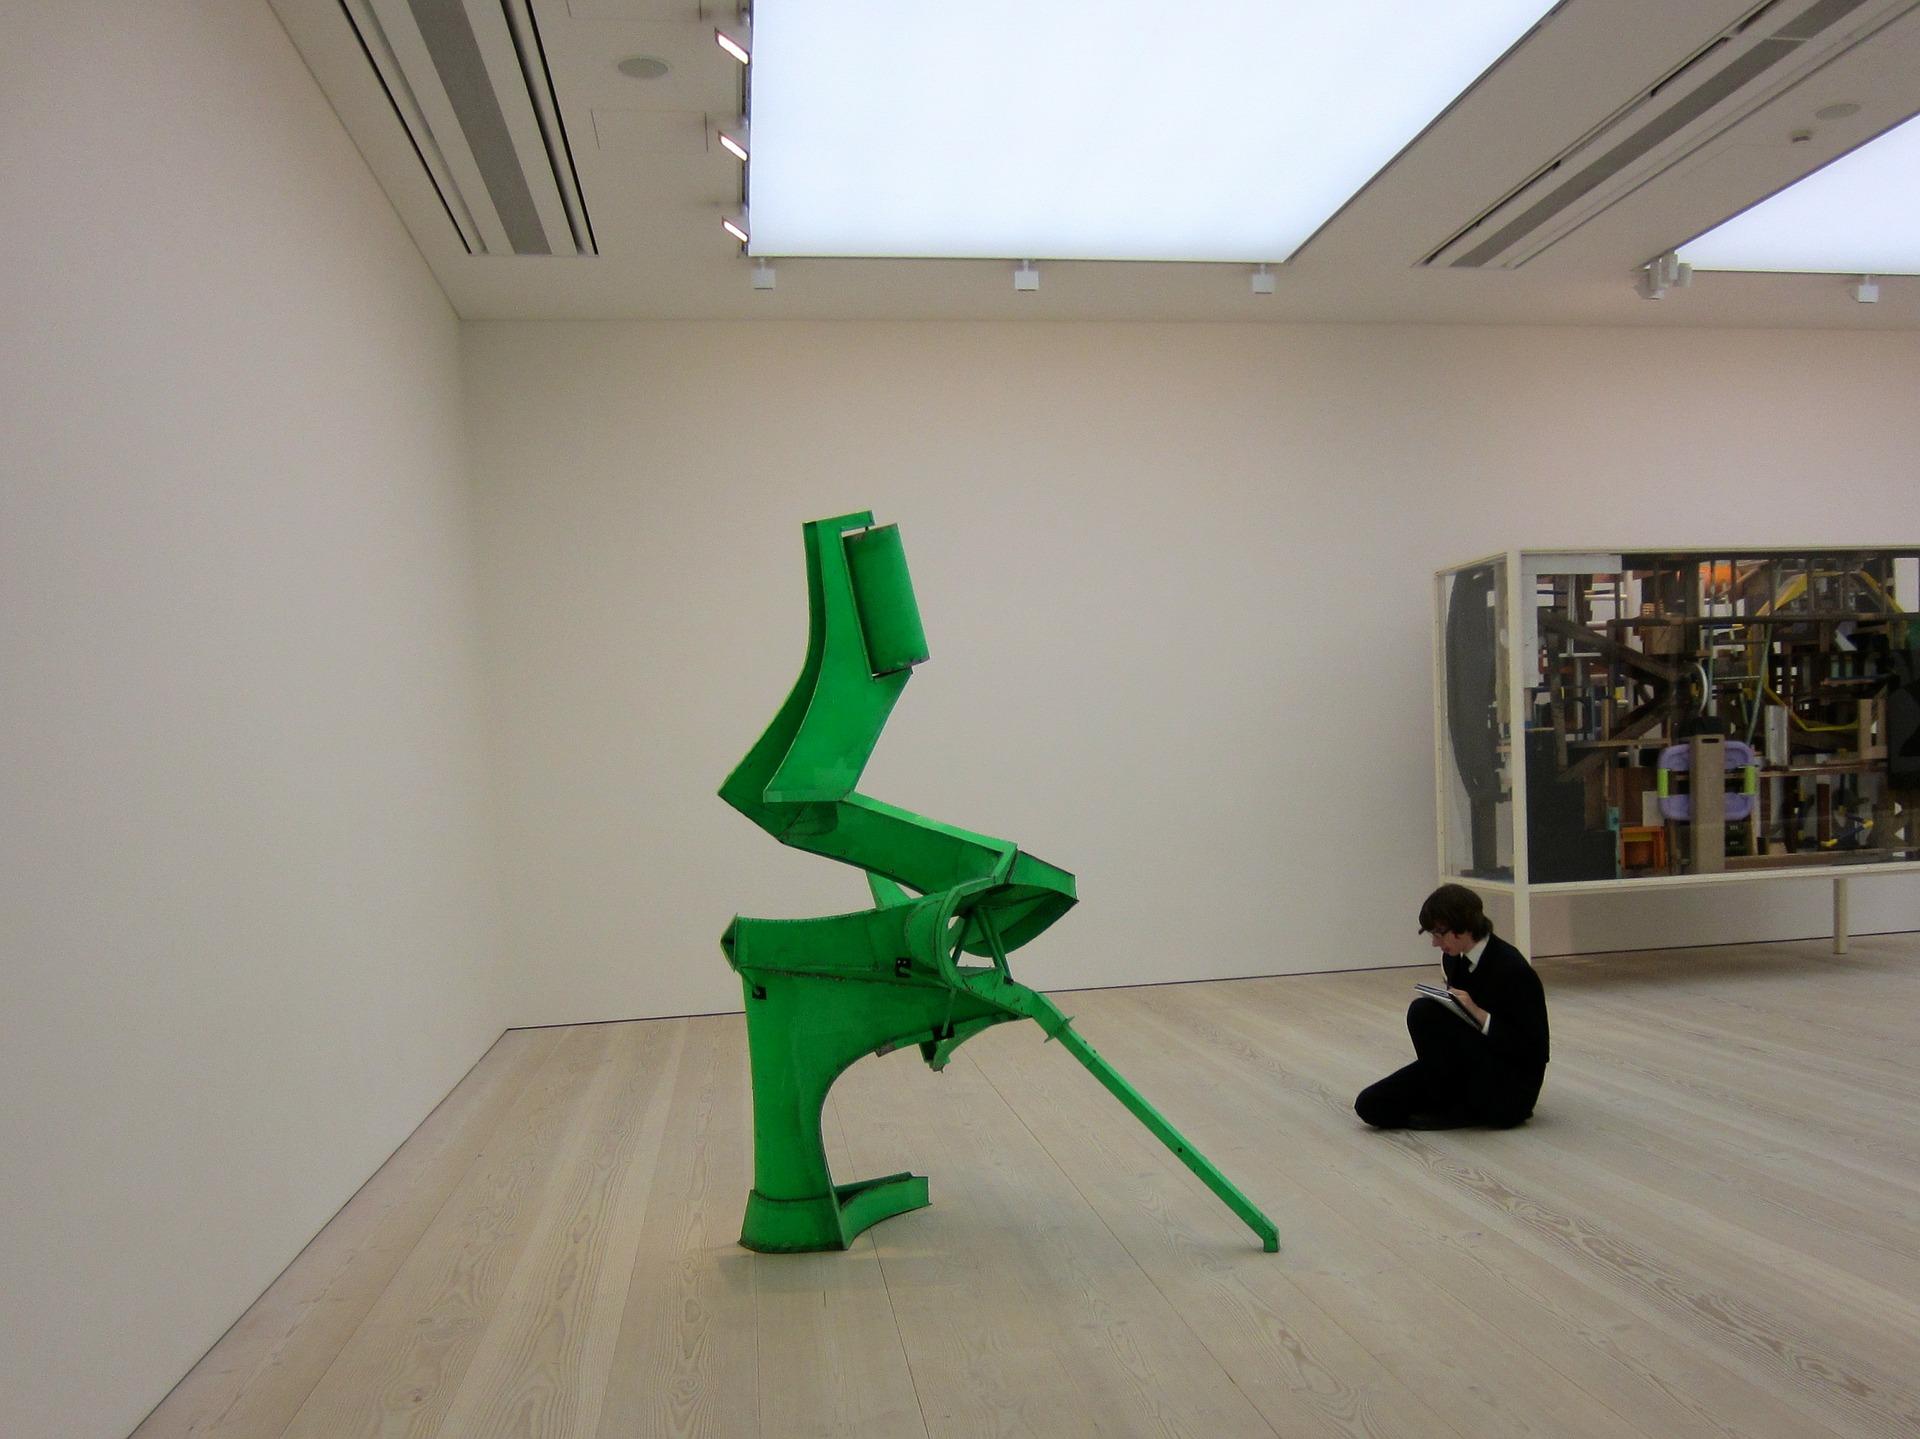 Tate Modern, art gallery in London